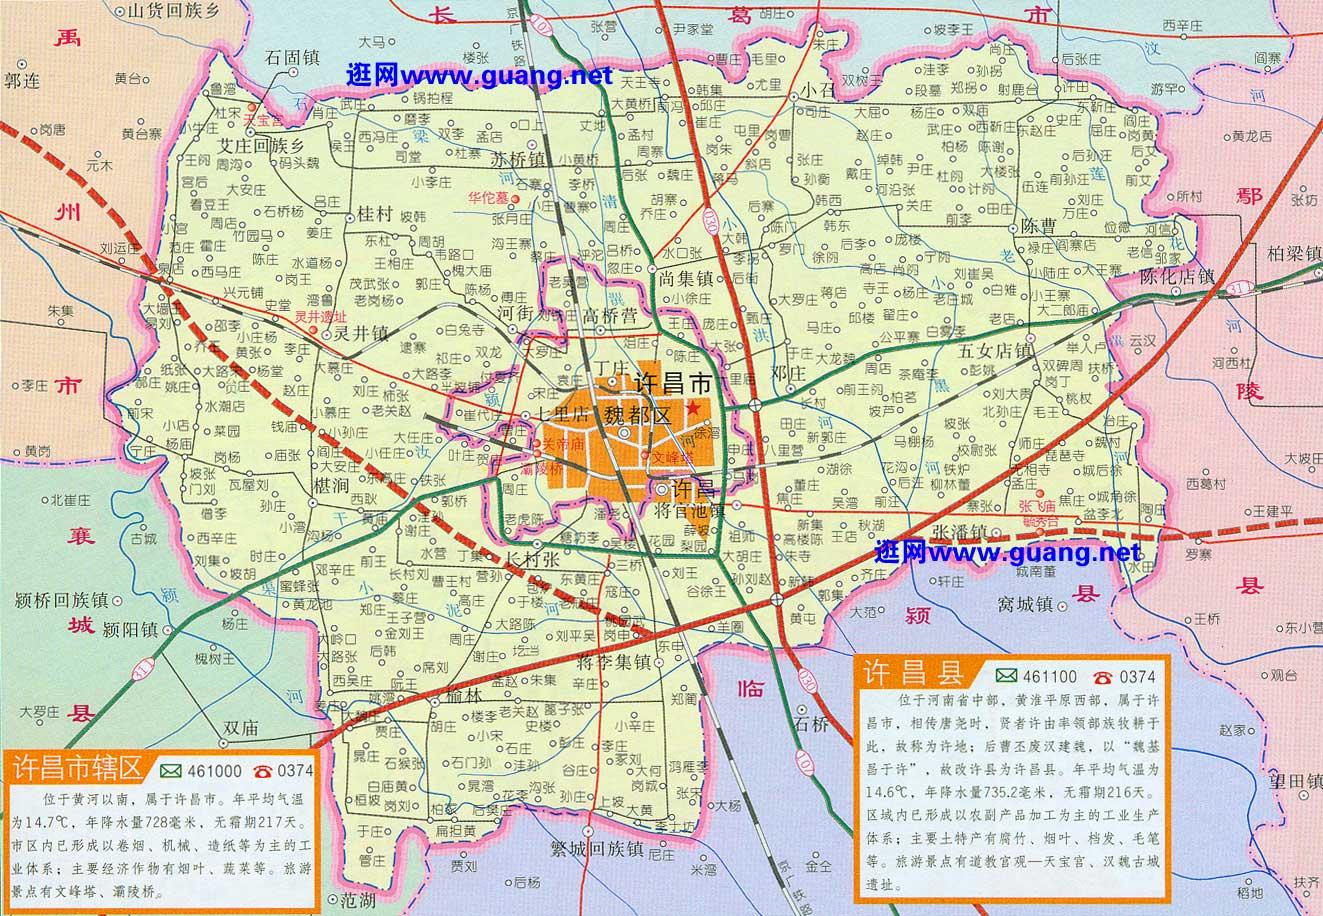 2015年版许昌地图